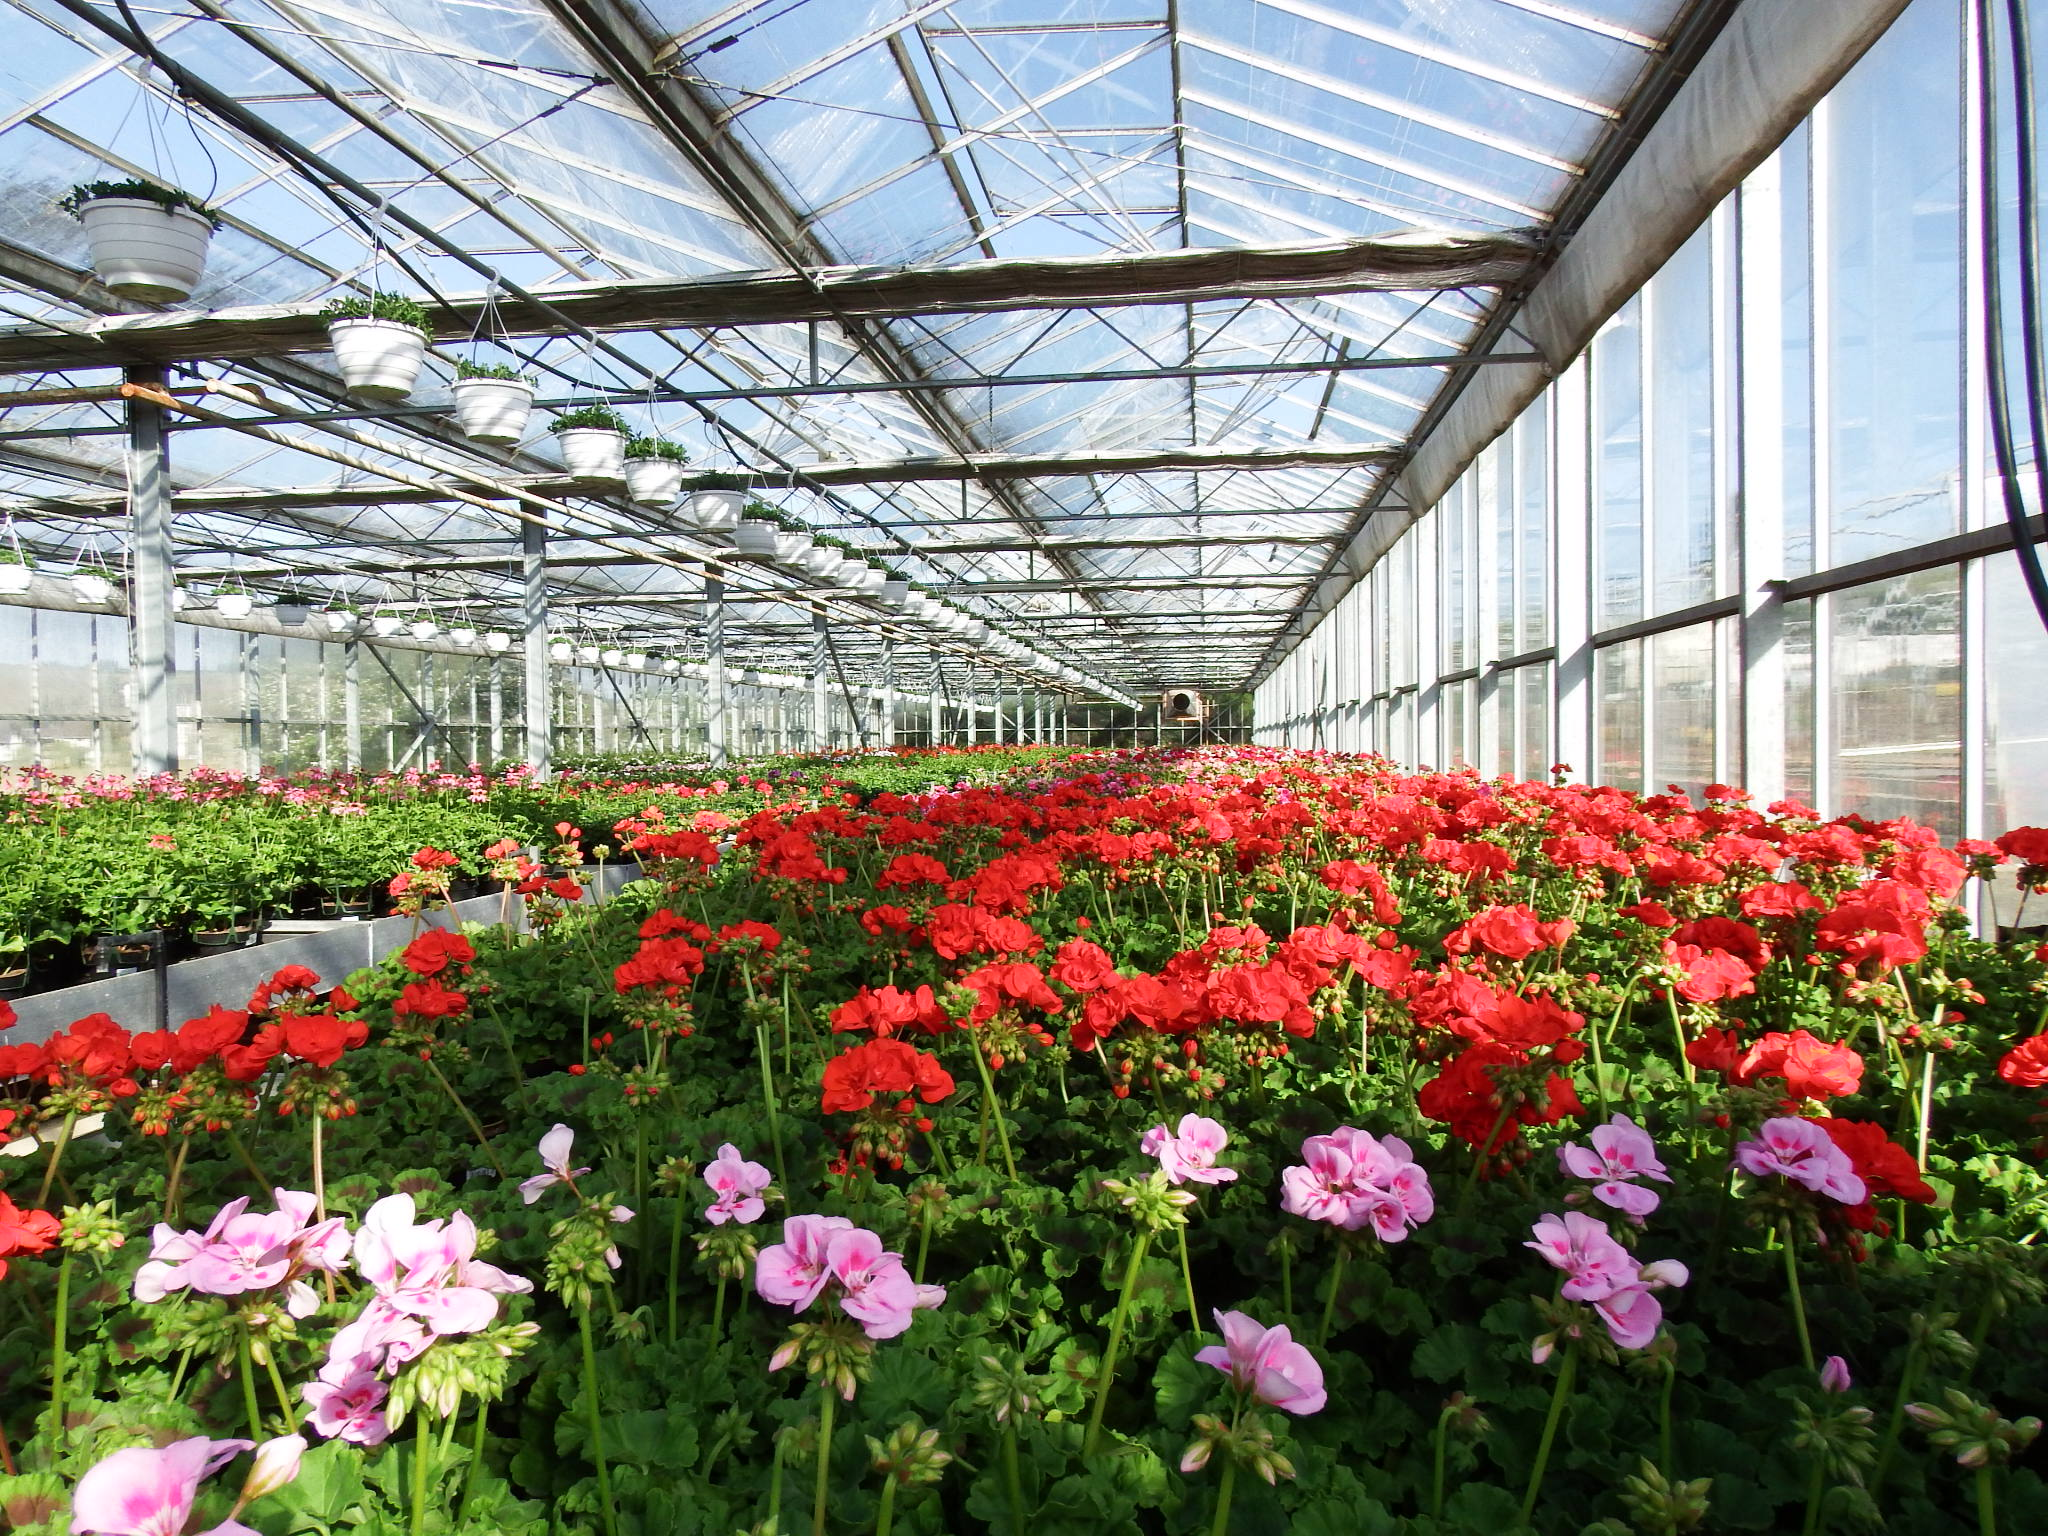 Tag der offenen Tür - Blumen - Geranien - Beet- und Balkon - Tag der offenen Gärtnerei - Gärtnerei Hans - Bellandris Rehner - Gärtnerei Rehner -